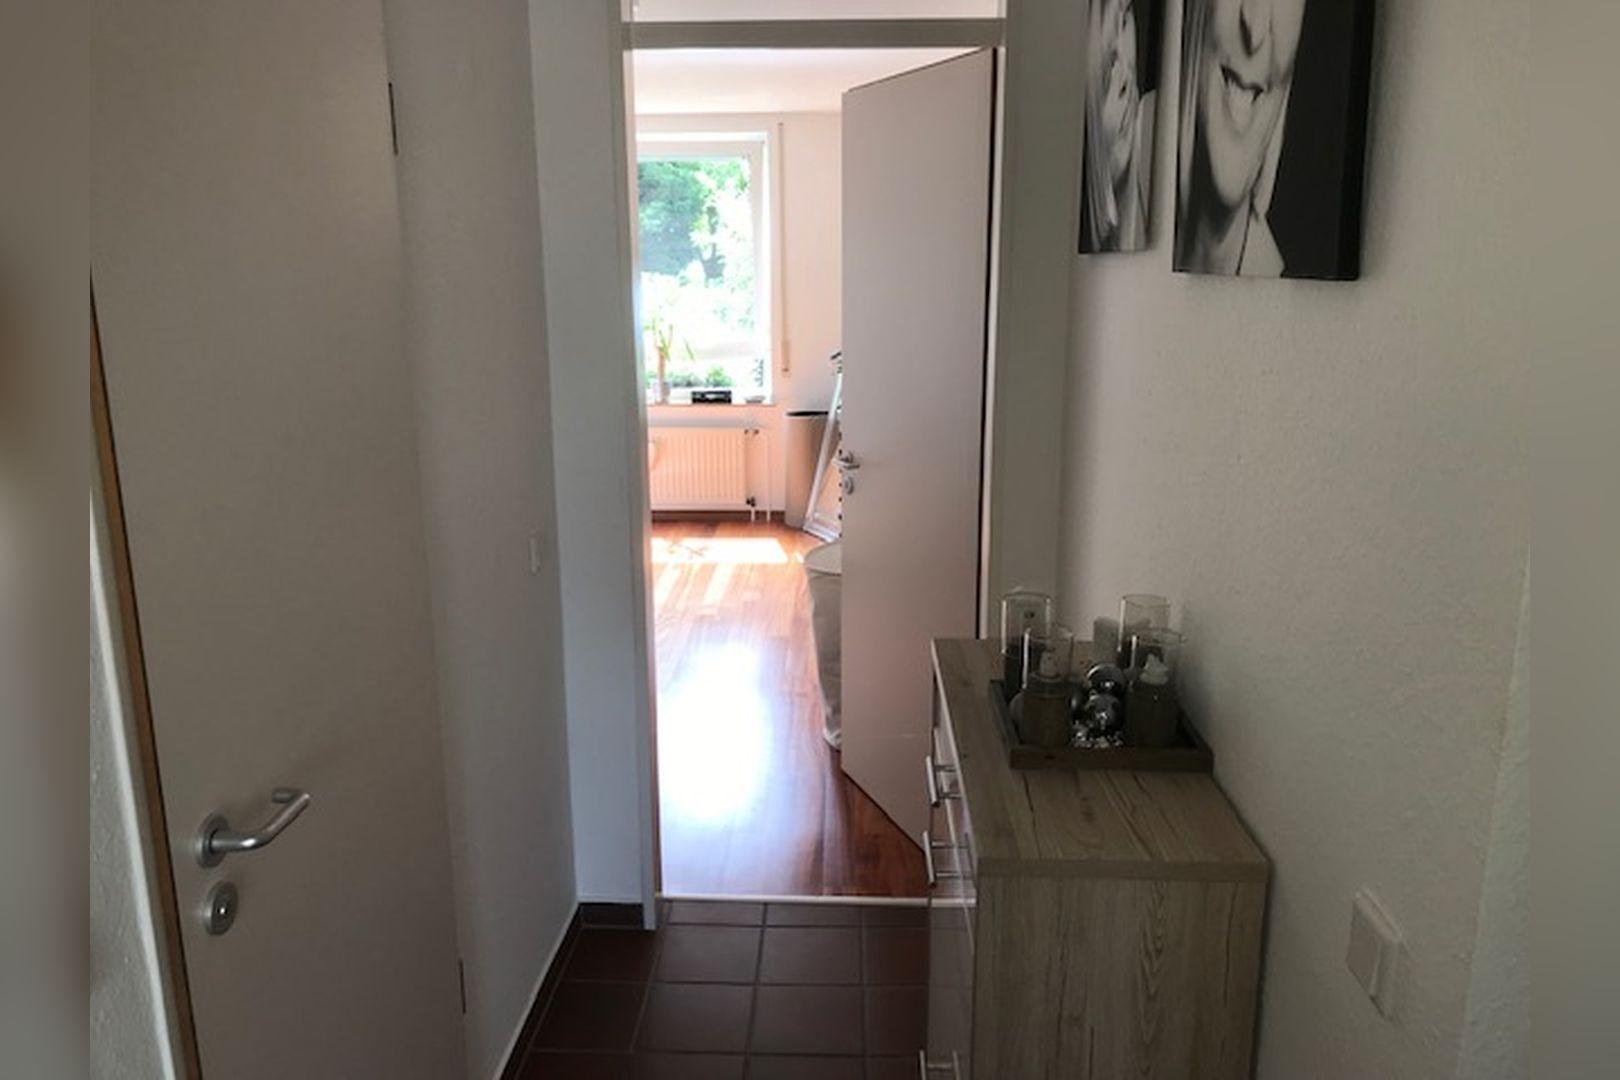 Immobilie Nr.0264 - großzügige Vier-Raum-Wohnung mit Riesenkellerraum für Hobby etc. - Bild 10.jpg